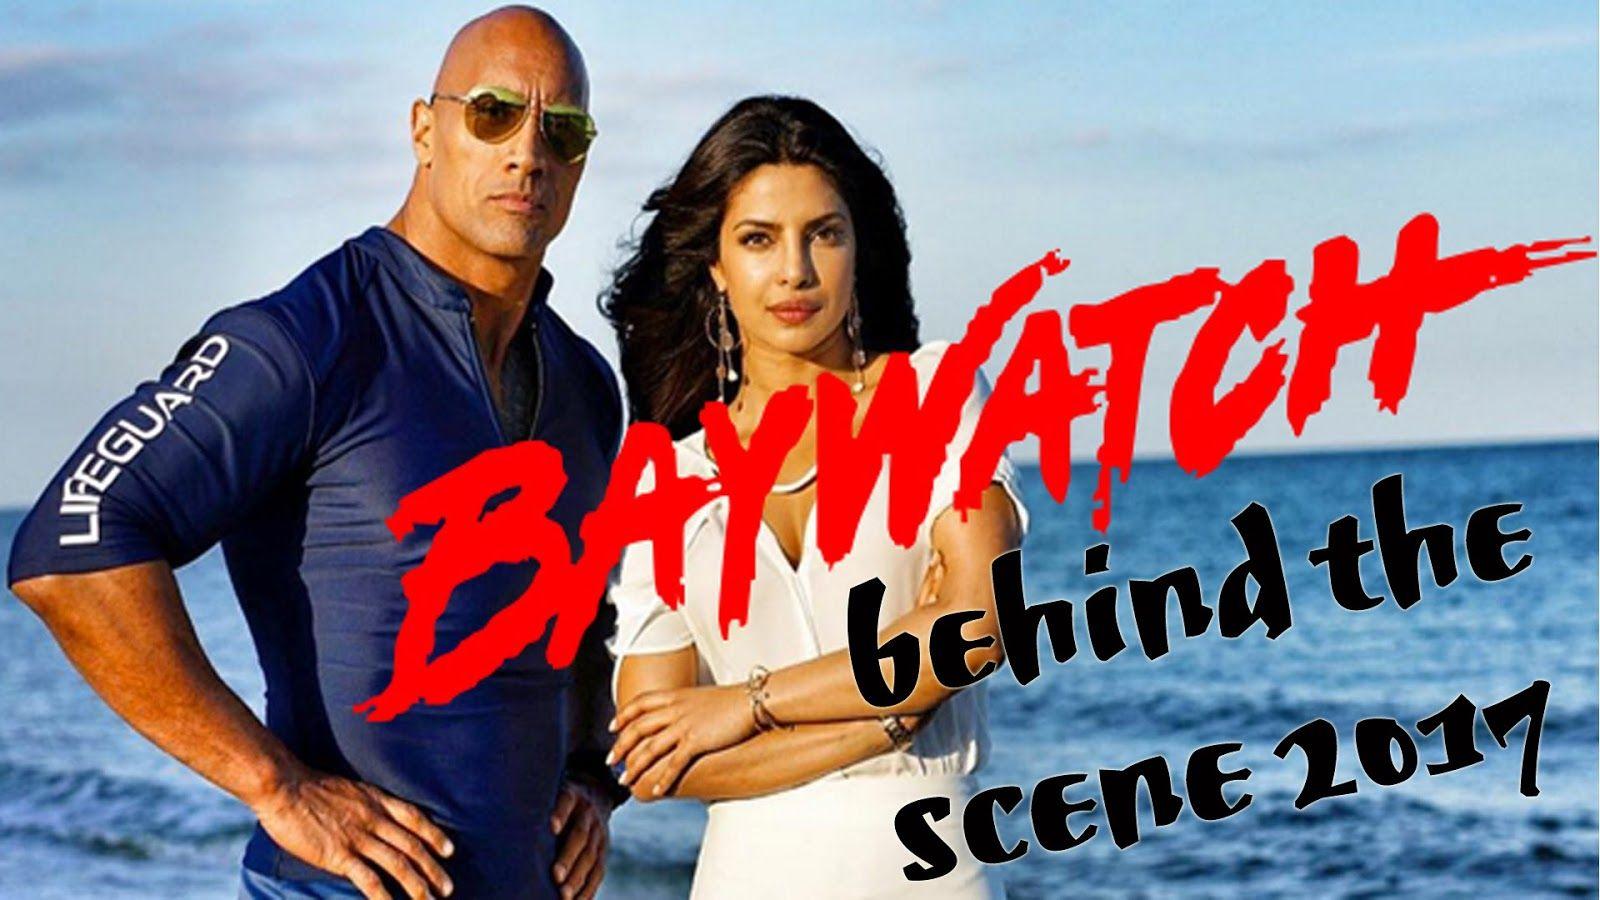 Baywatch Guardianes De La Bahia En Espanol Es Una Pelicula De Comedia Y Accion Estadounidense Basada En La Serie Con El Baywatch Full Movies Download Movies